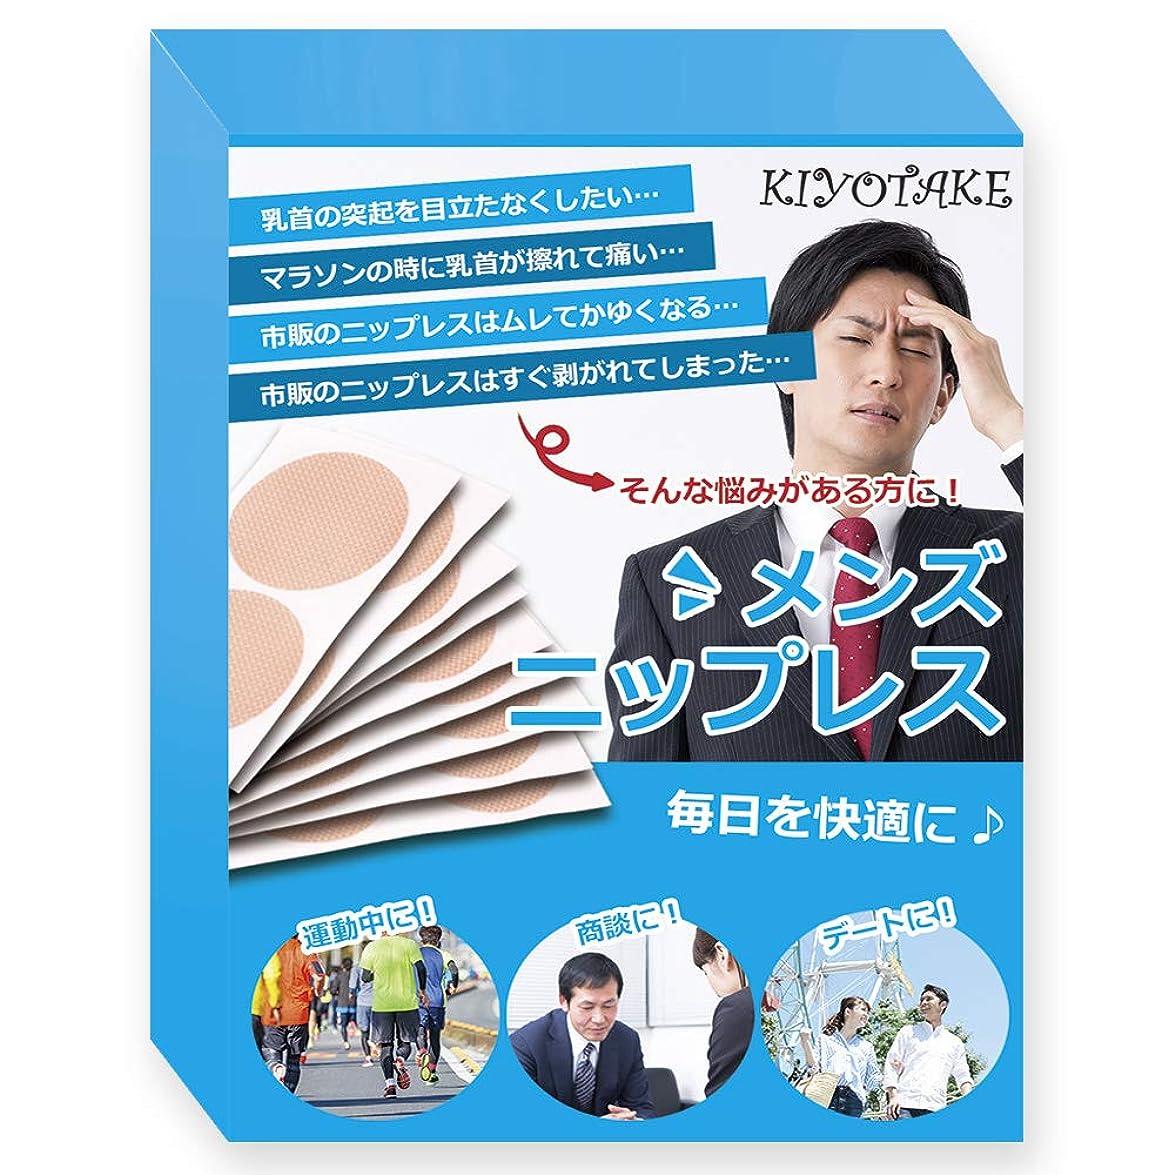 関連するレタッチ簡単に【kiyotake】メンズ ニップレス ニップル シール マラソン 透け乳首 対策 60枚入り